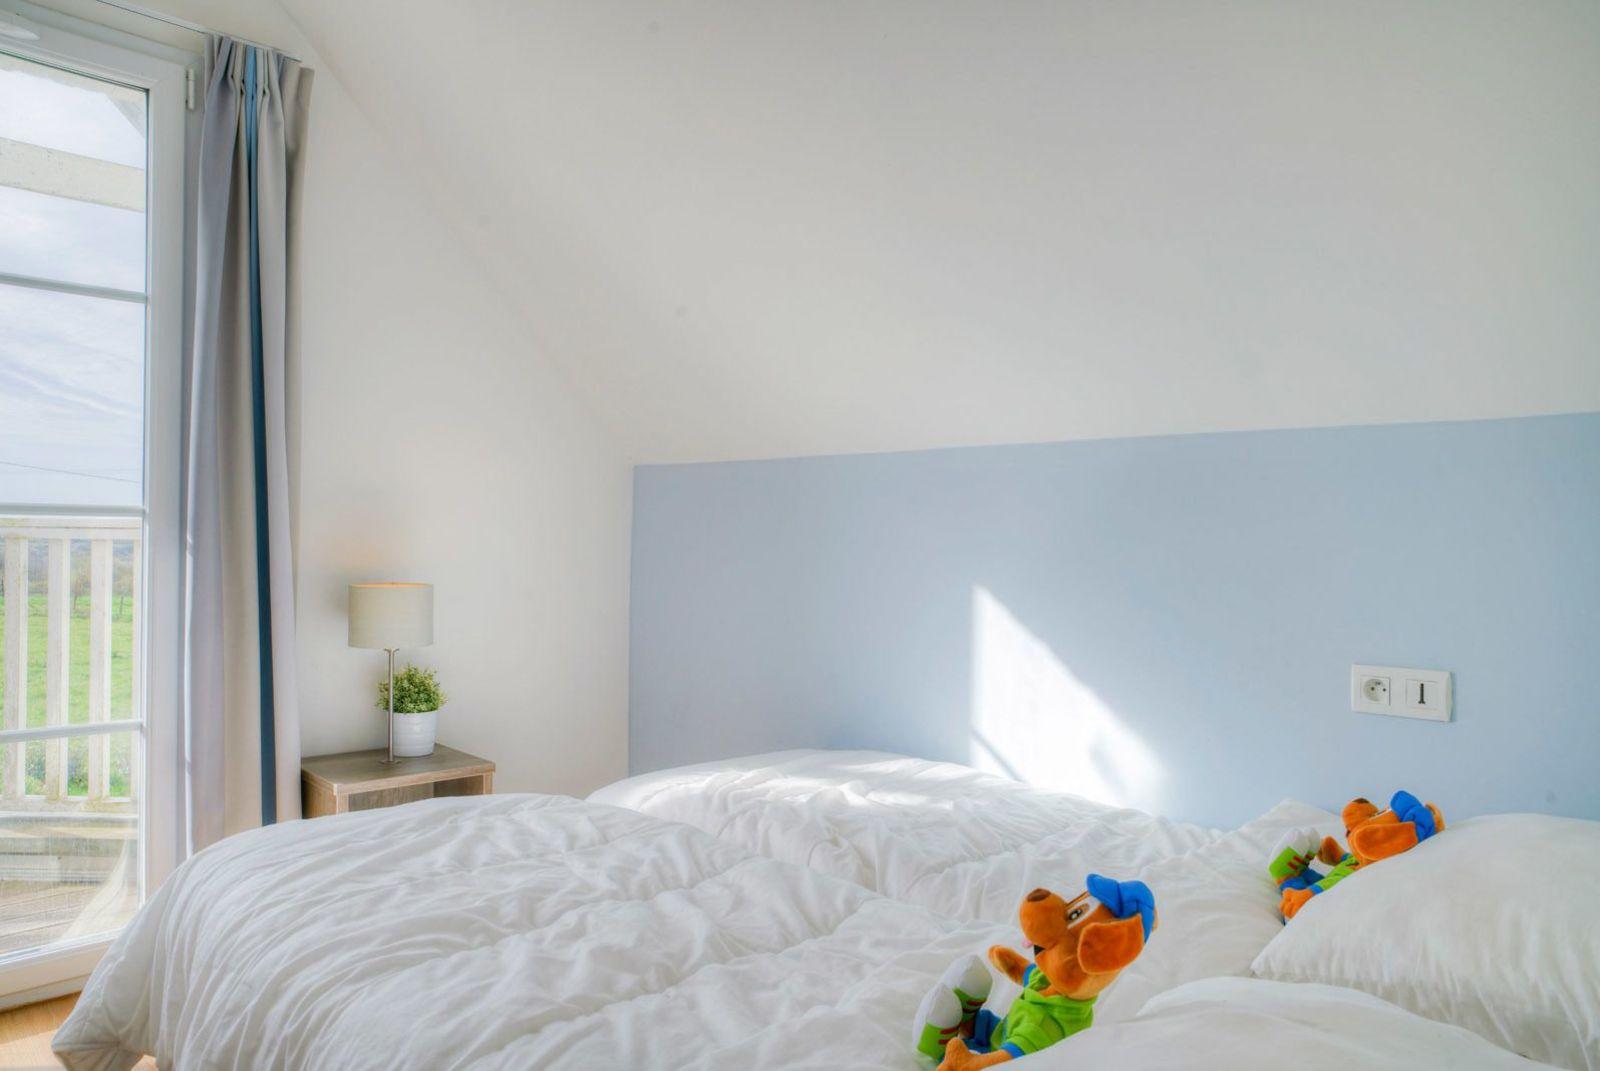 Villa pour 8 personnes avec vue latérale sur mer